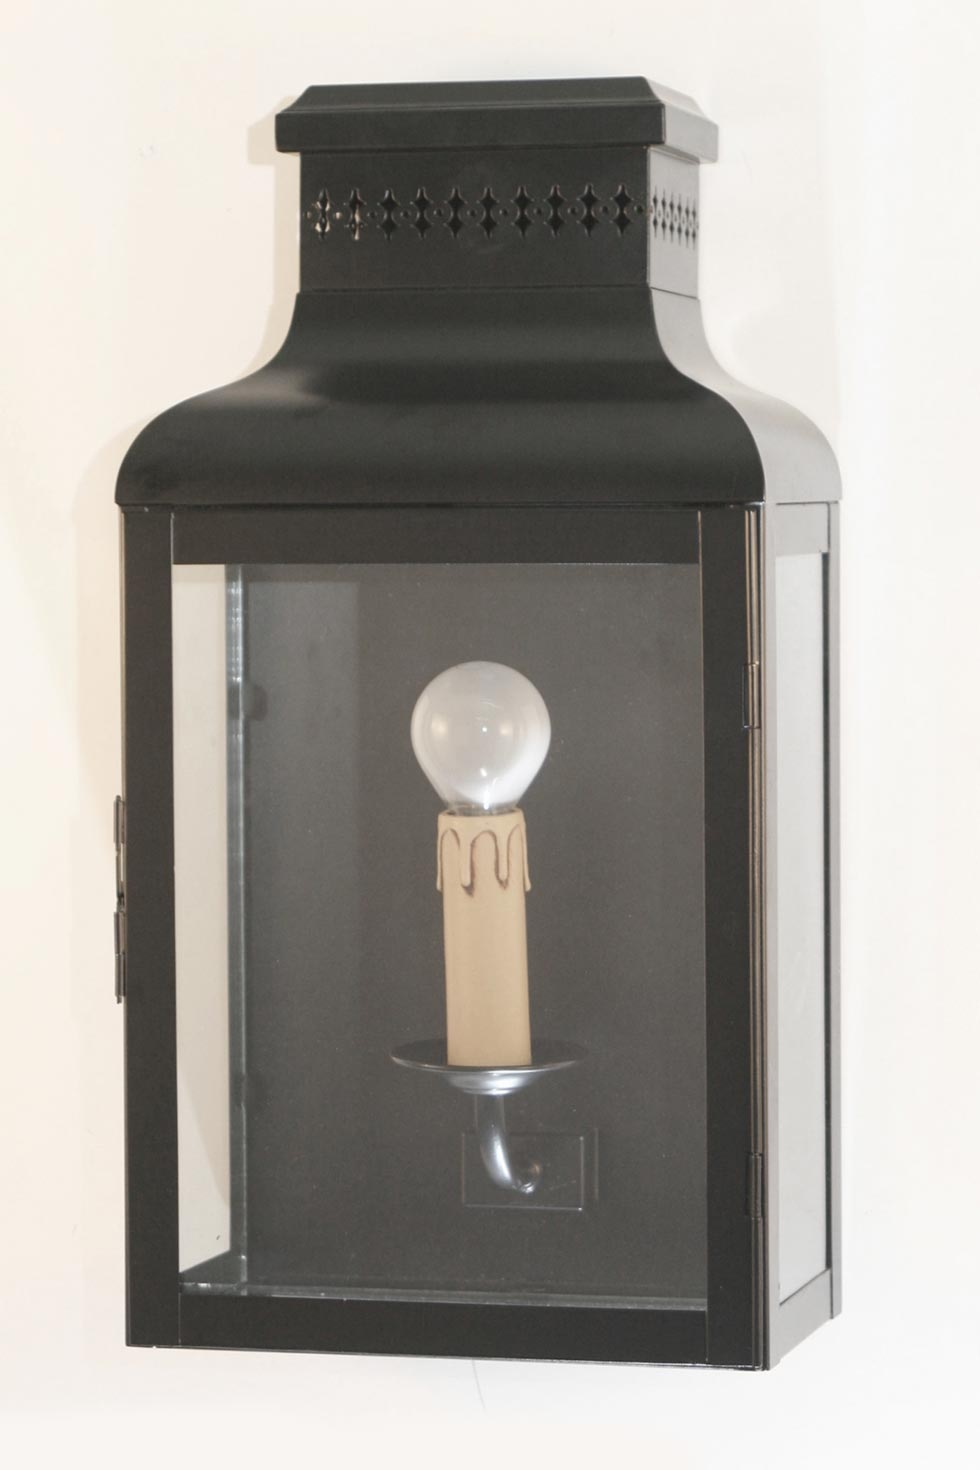 chelsea le43 applique d 39 ext rieur en laiton laqu noir. Black Bedroom Furniture Sets. Home Design Ideas